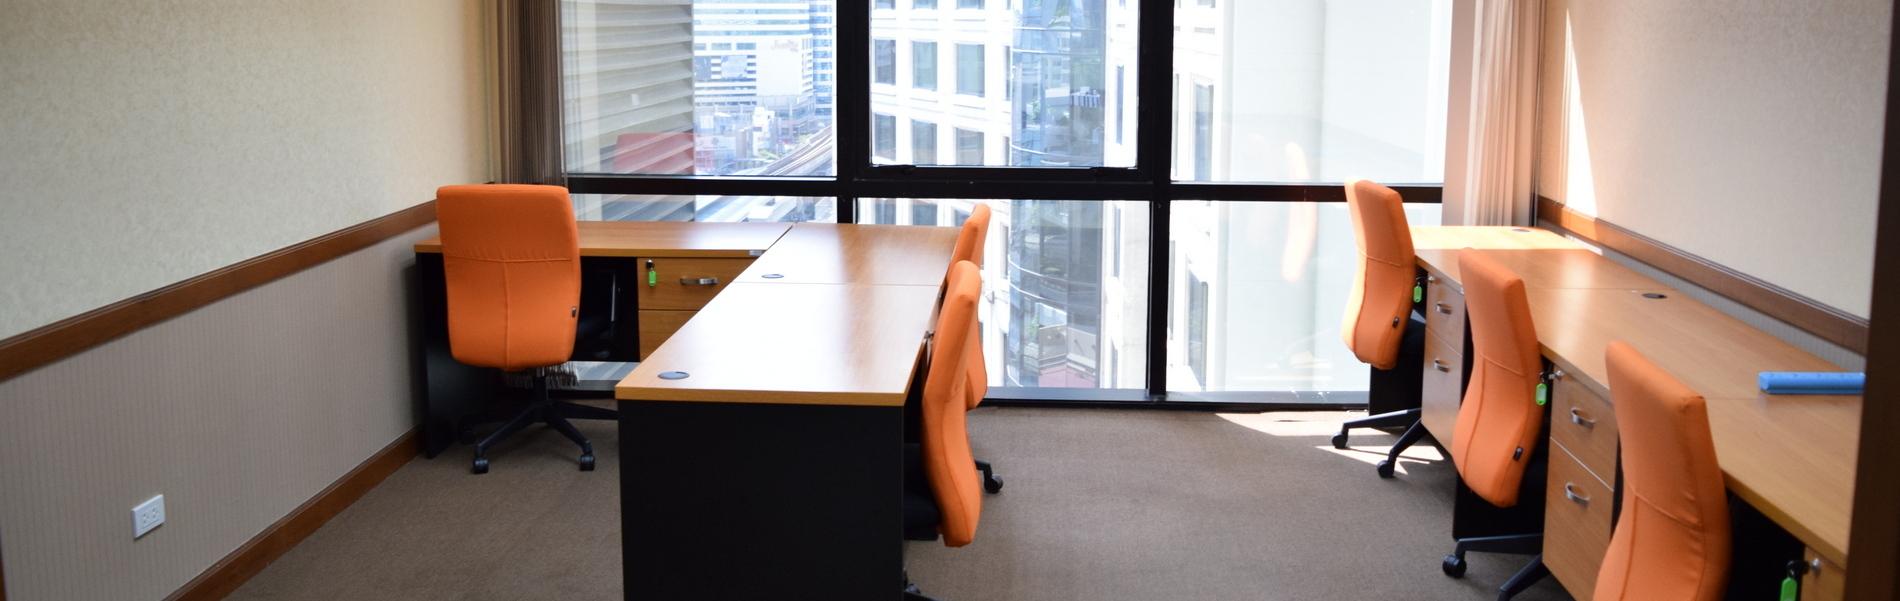 日本語対応の常勤スタッフ